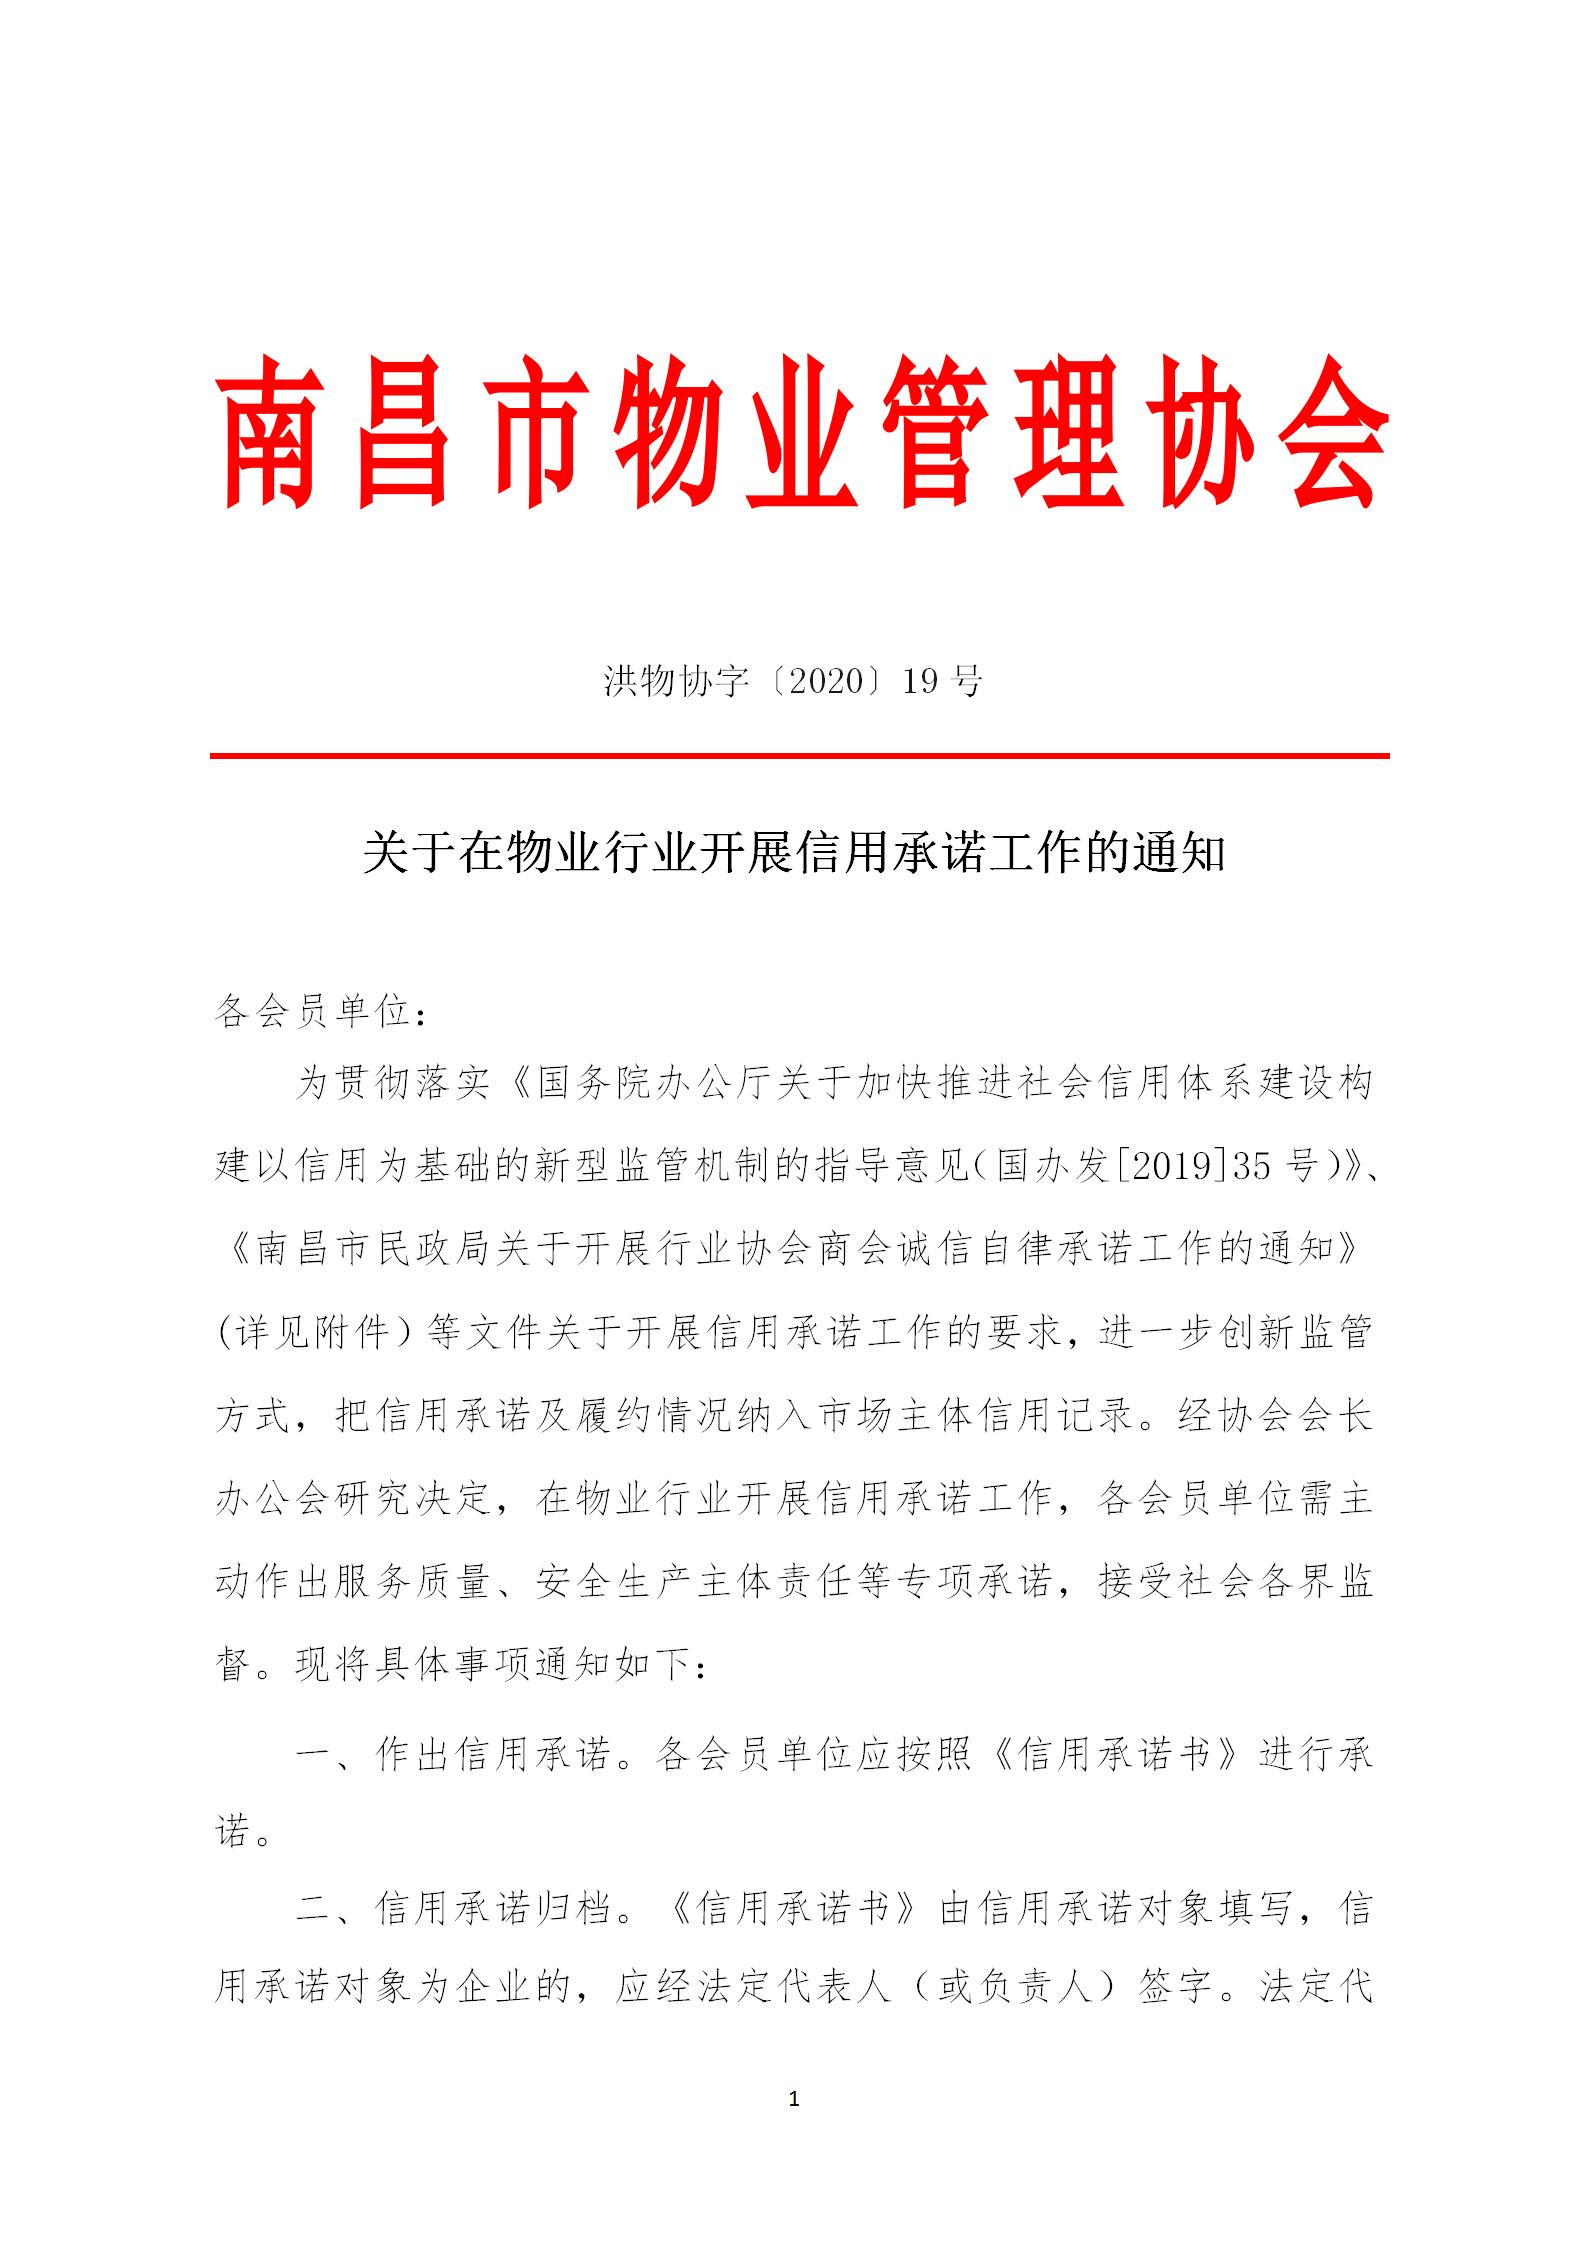 洪物协字[2020]19号关于在物业行业开展信用承诺工作的通知_01.png